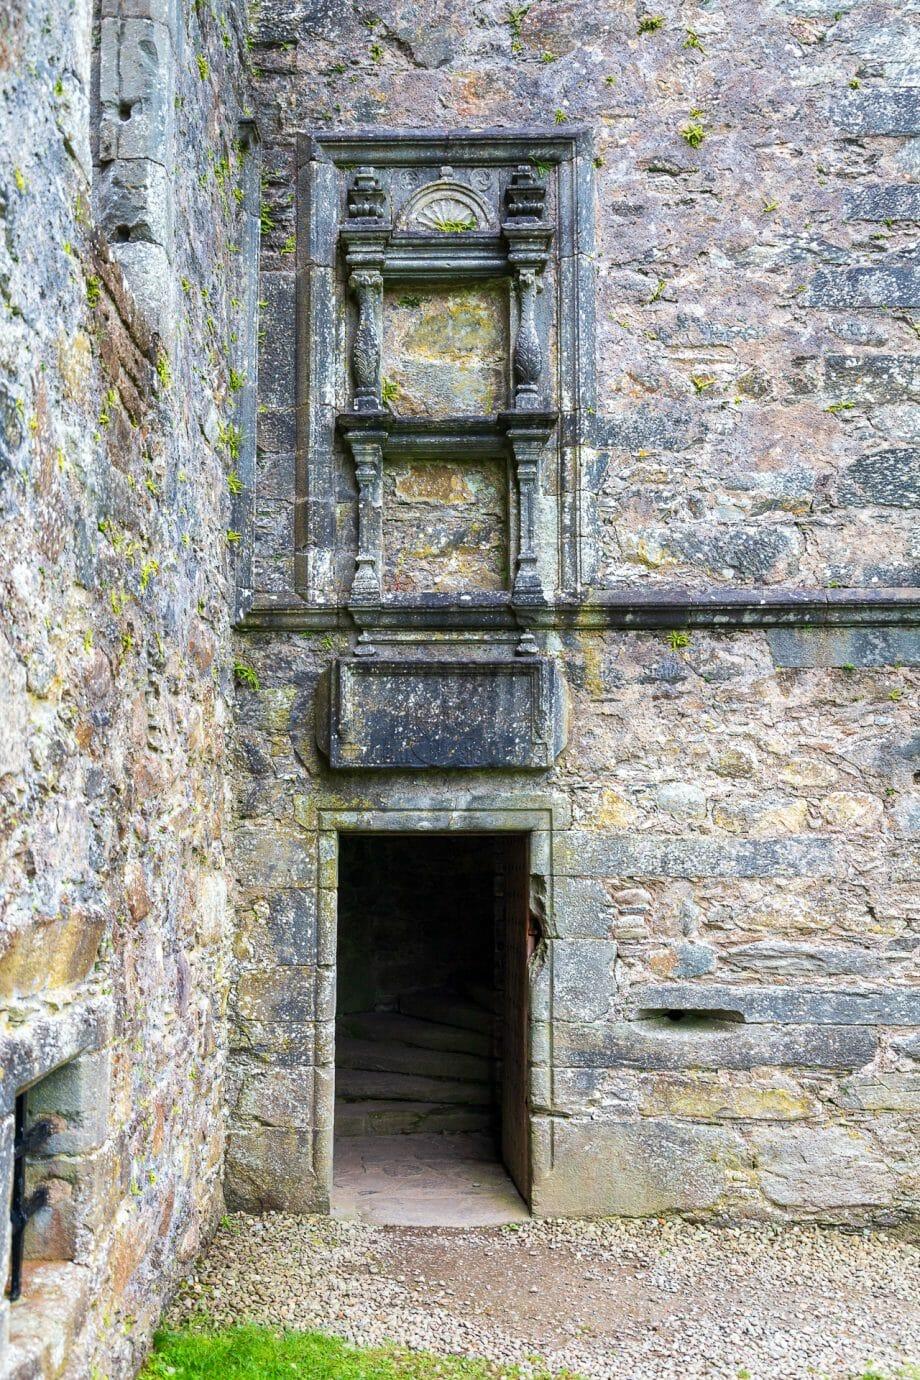 Über der Tür prangten einst bunte Wappen